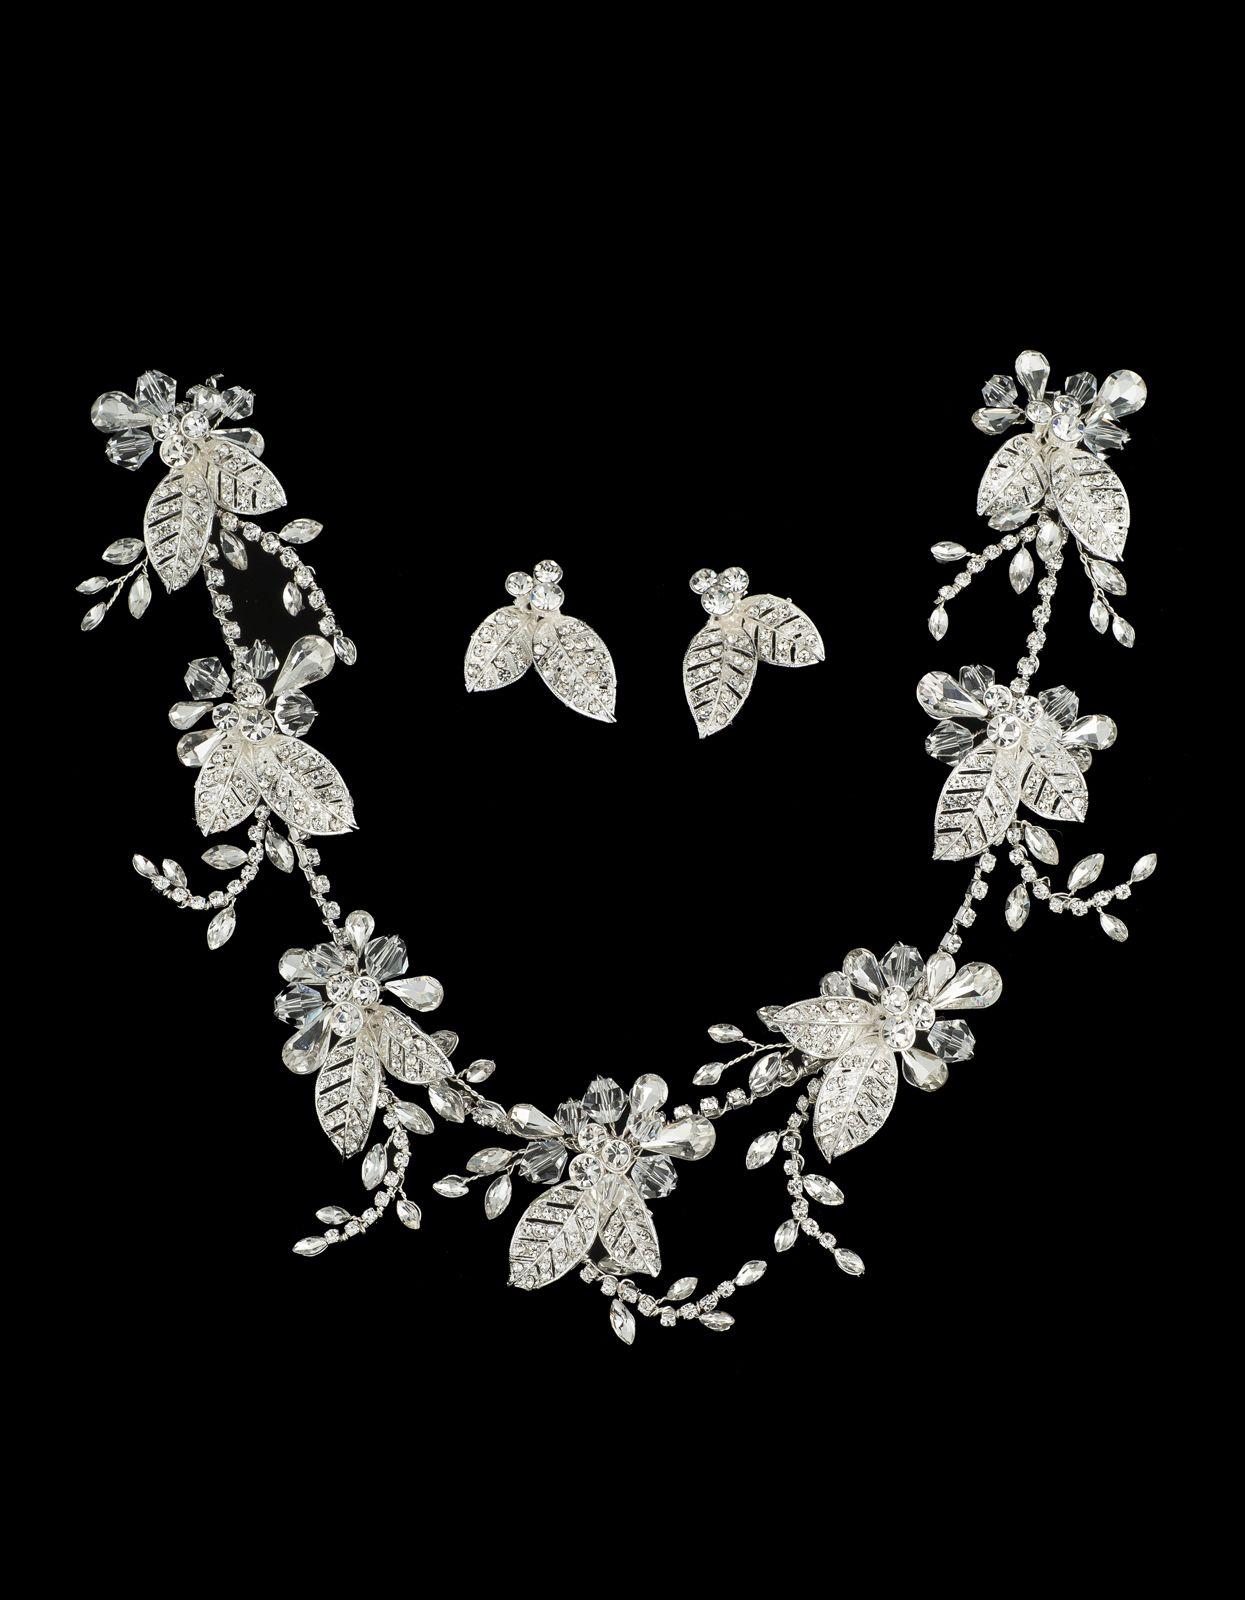 Bridal classics necklace sets mj 259 - Mj 236 Bridal Classics